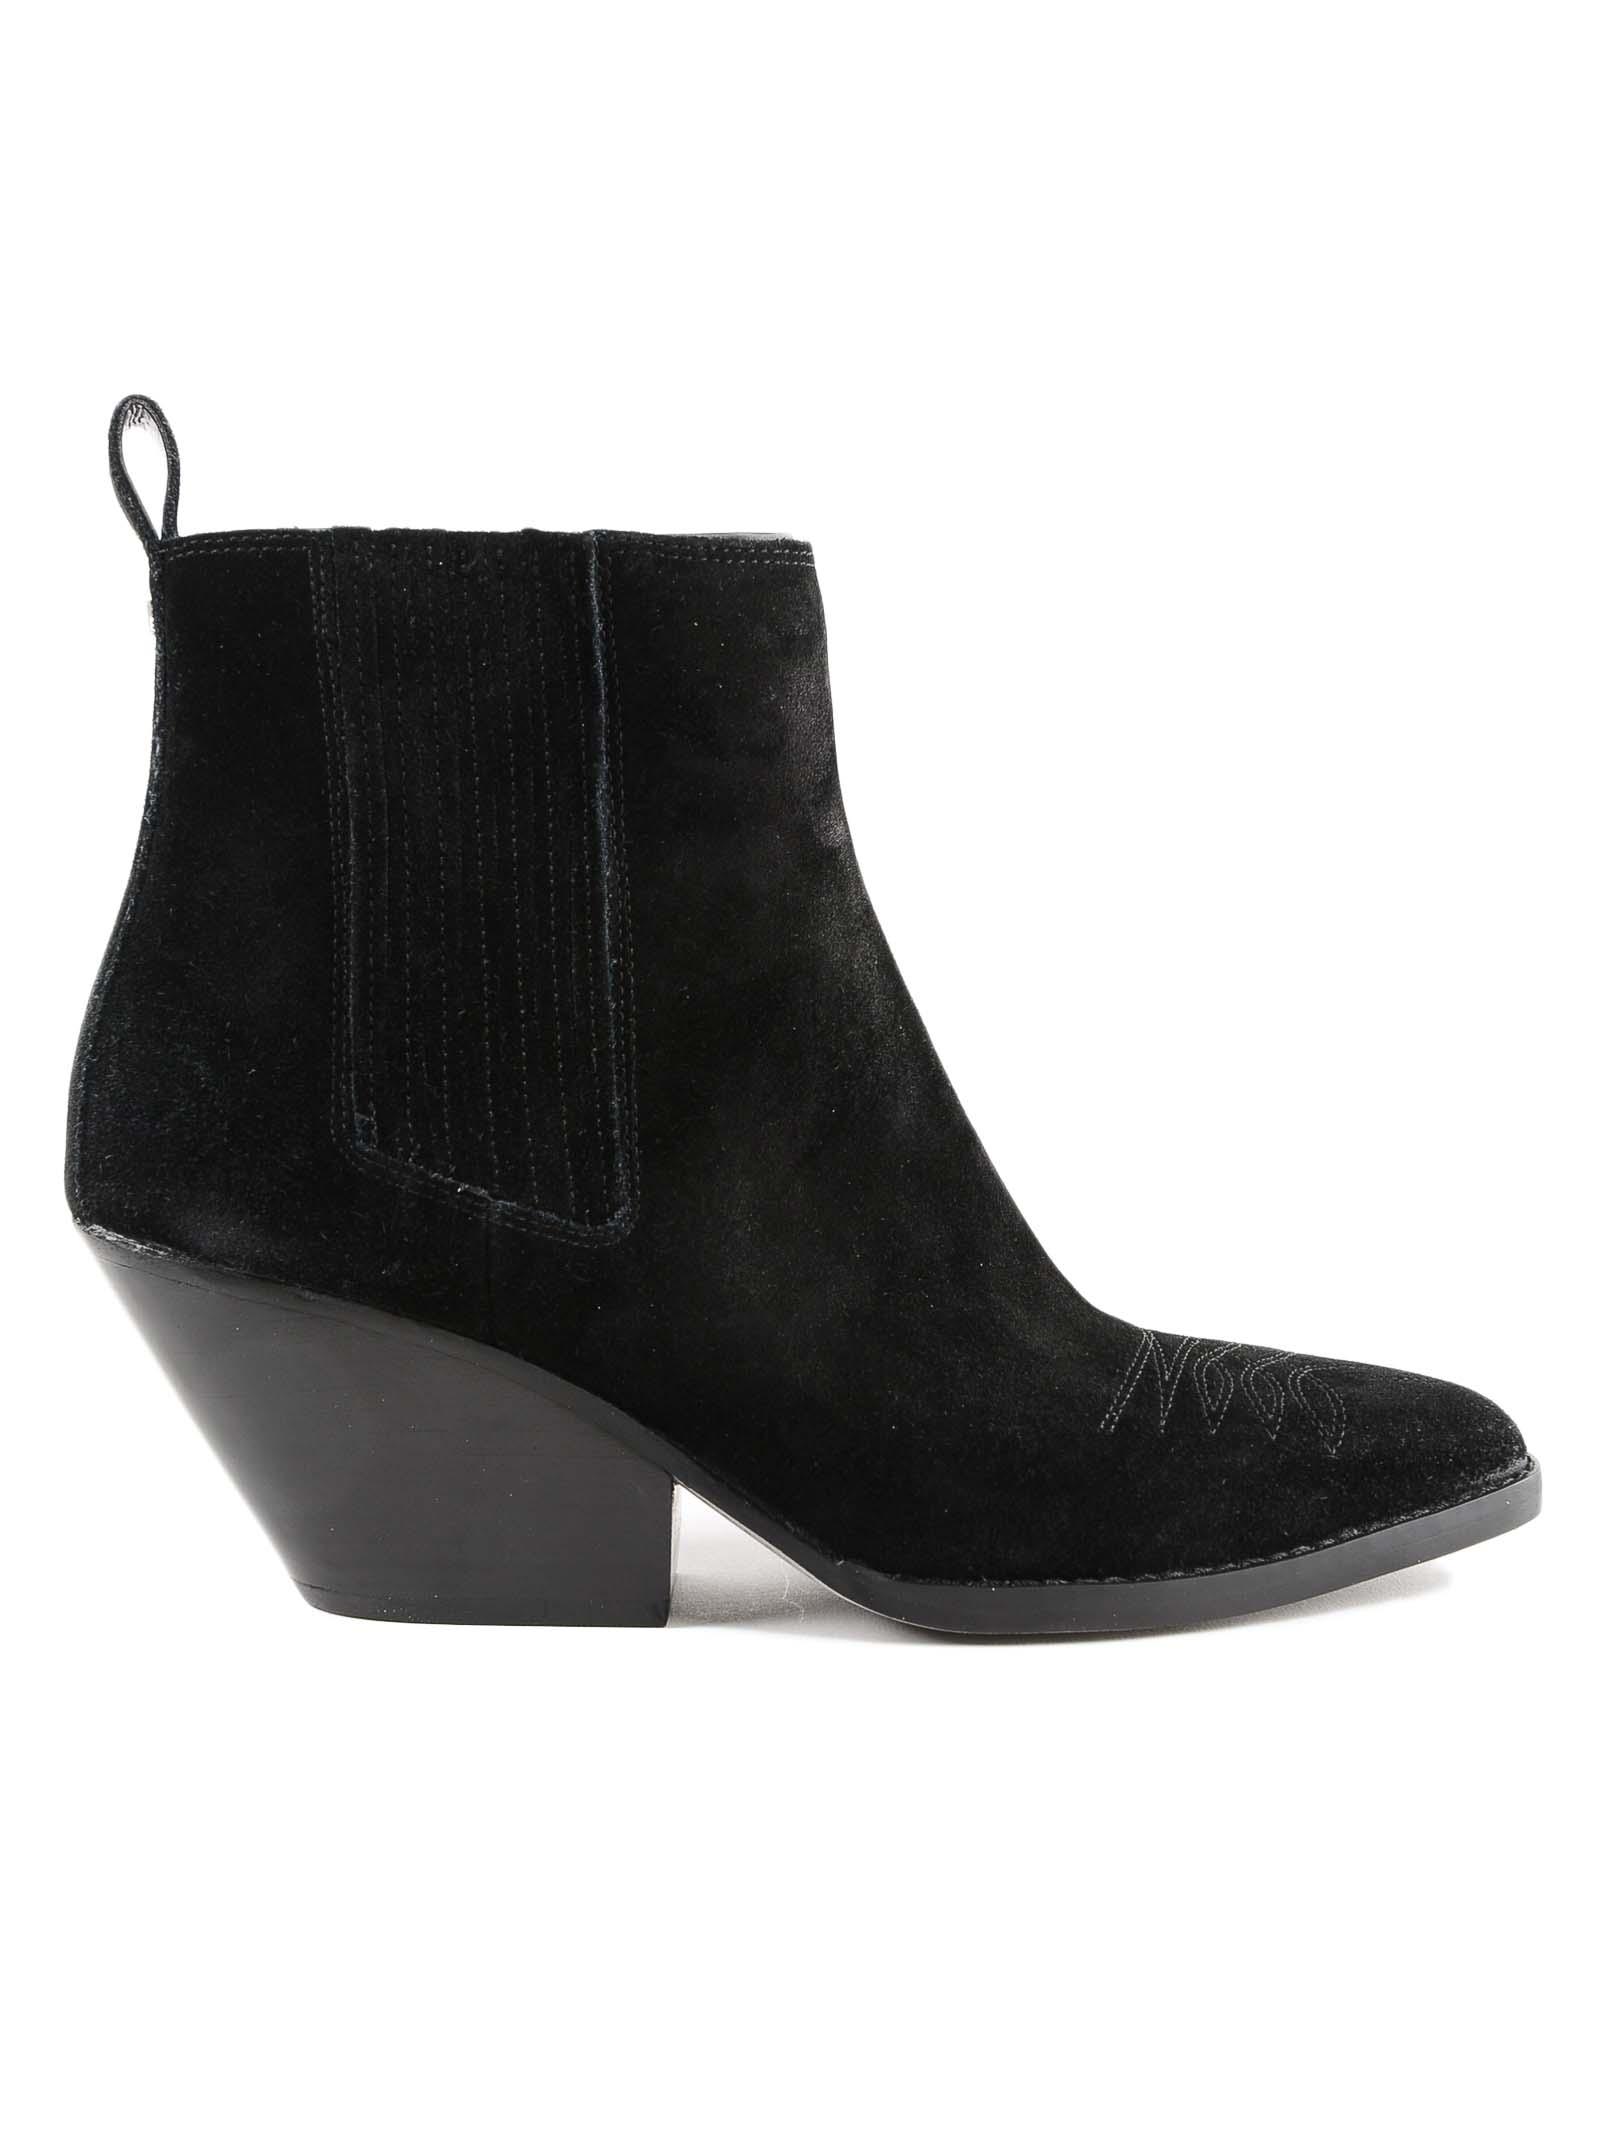 Michael Kors Sinclair Ankle Boots